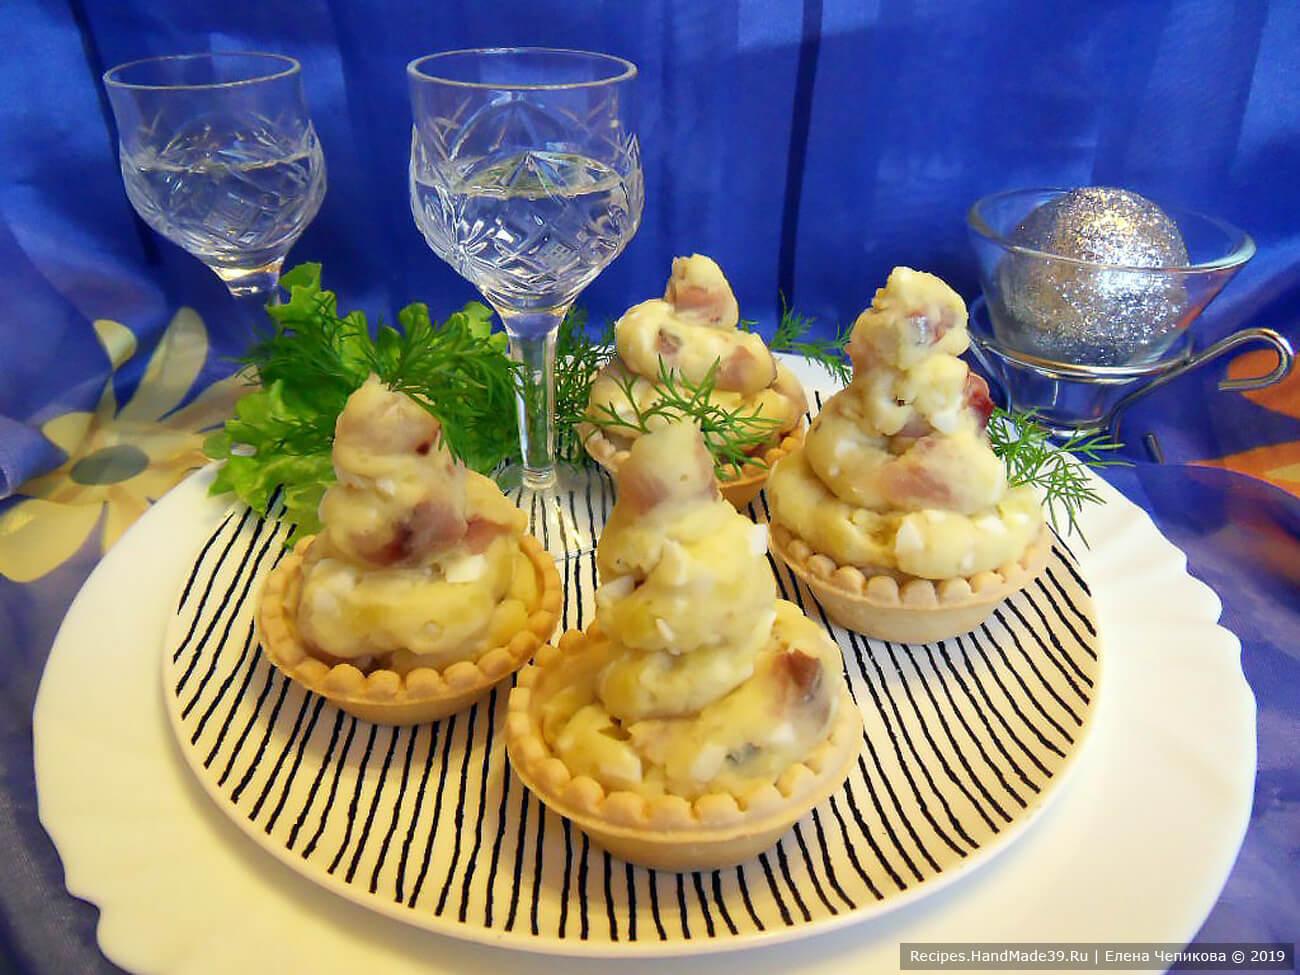 Закуска из селёдочного паштета – пошаговый кулинарный рецепт с фото